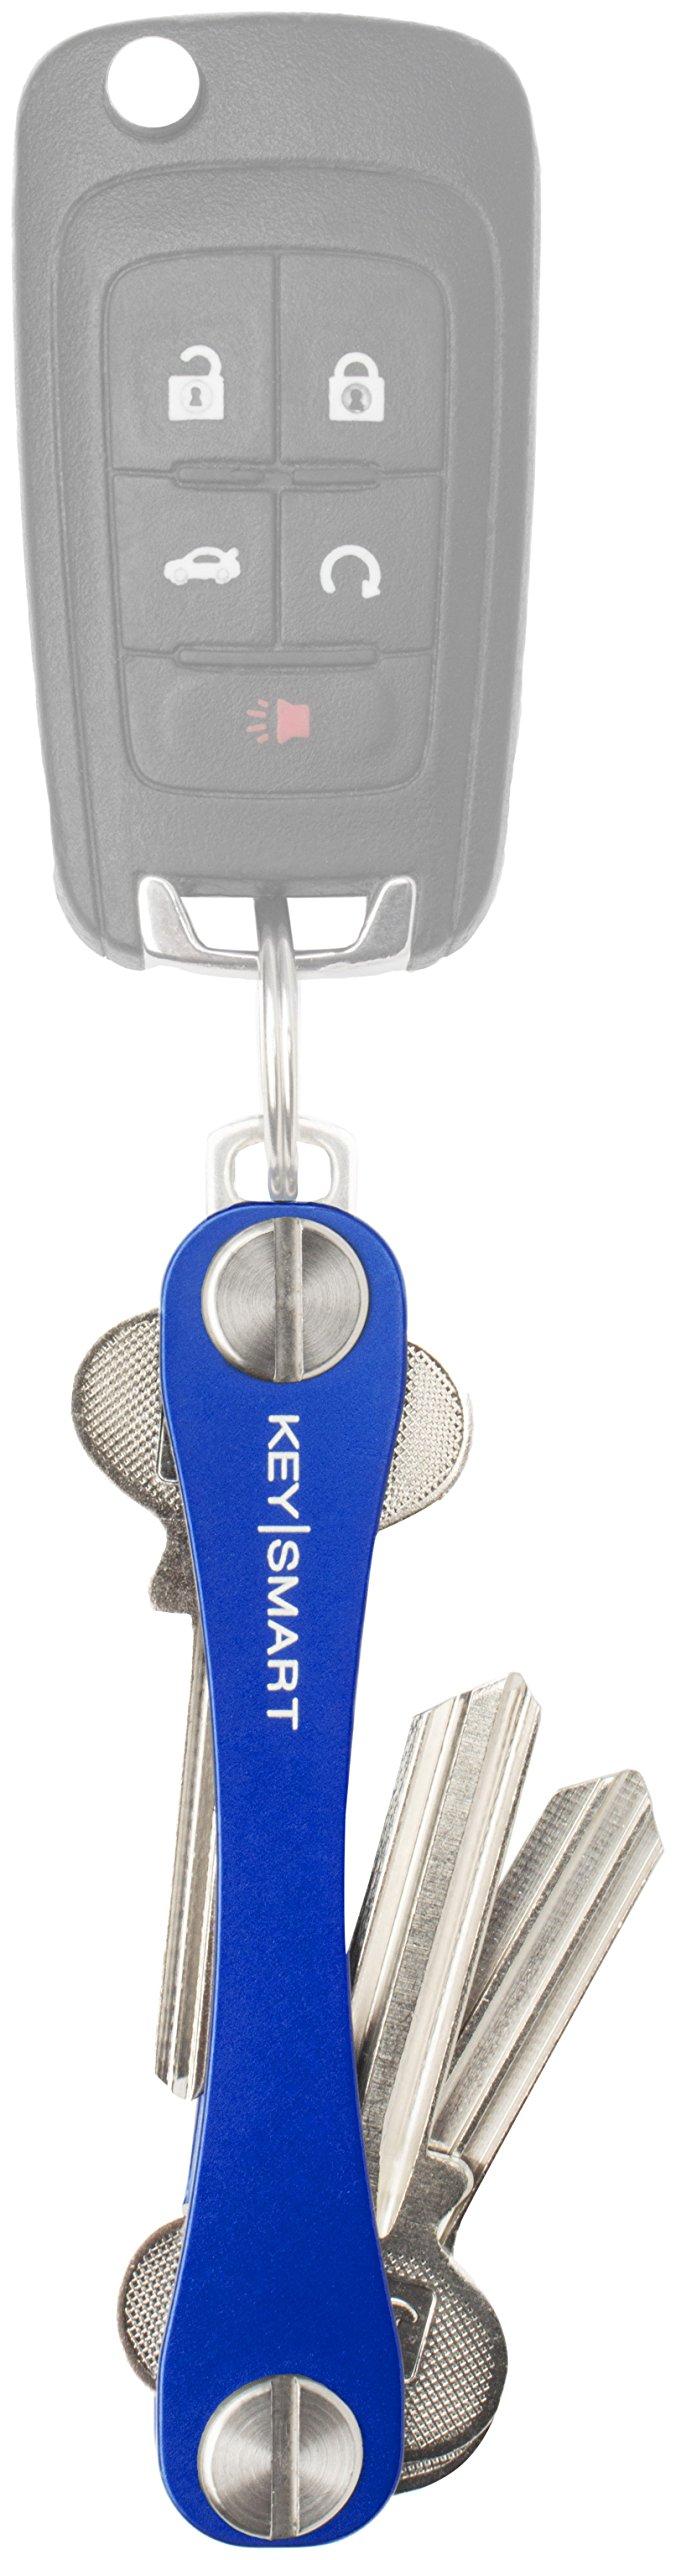 KeySmart Blue